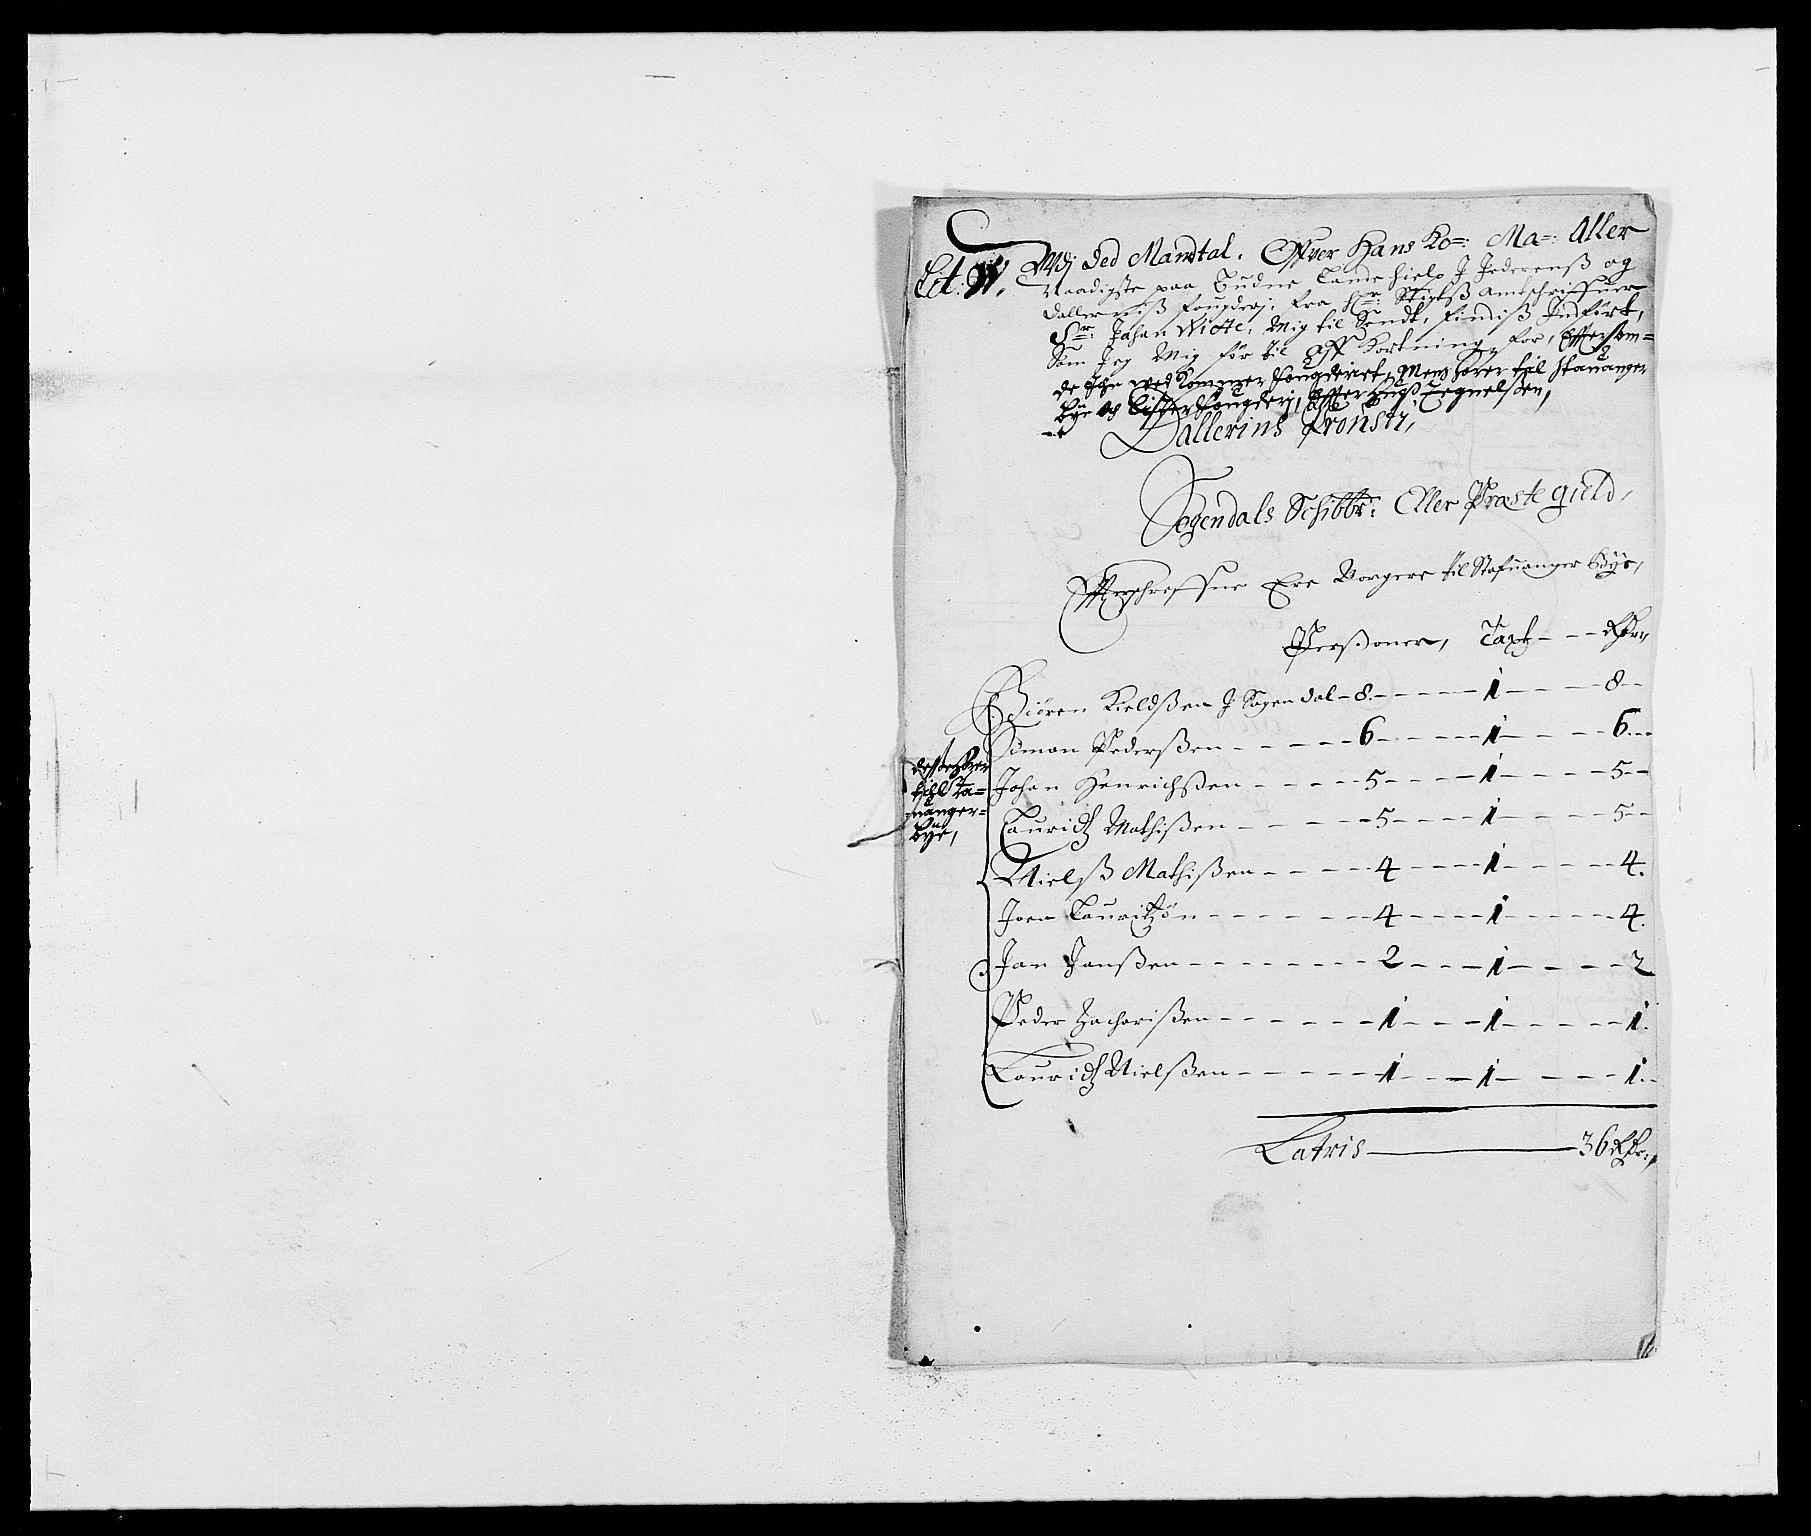 RA, Rentekammeret inntil 1814, Reviderte regnskaper, Fogderegnskap, R46/L2715: Fogderegnskap Jæren og Dalane, 1675, s. 388